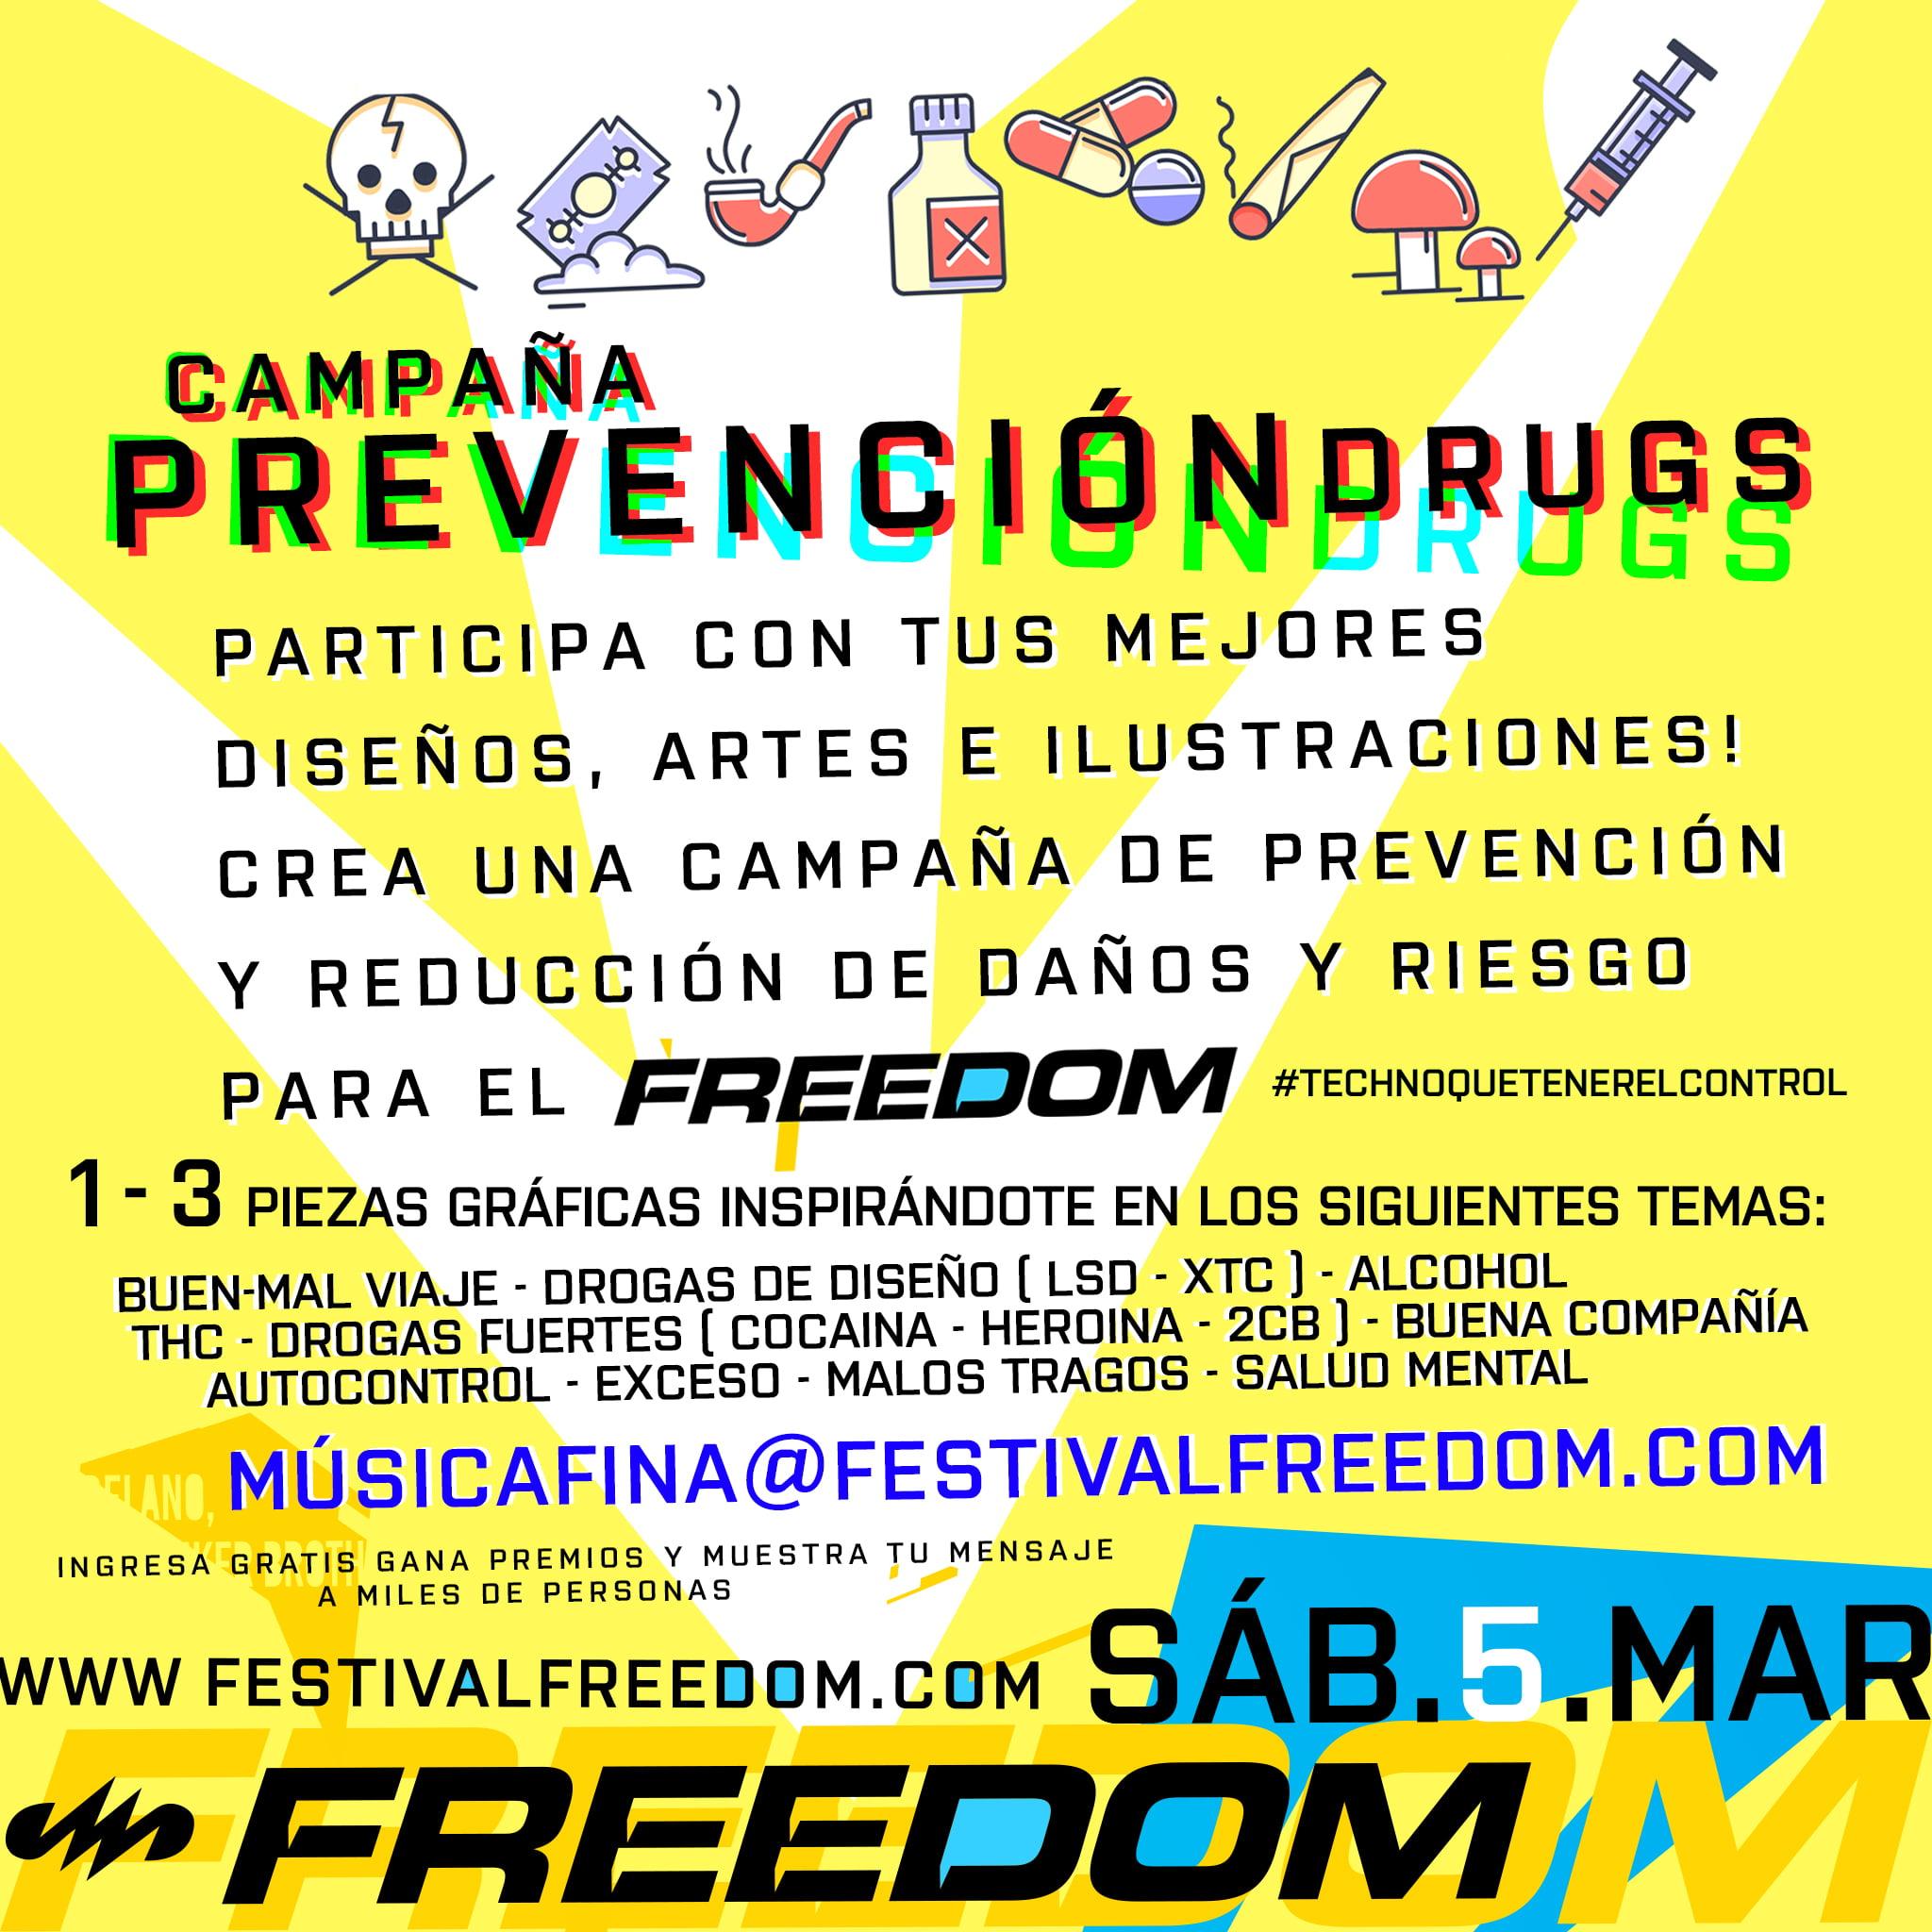 CONVOCATORIA ARTÍSTICA: Campaña de Prevención de DRUGS